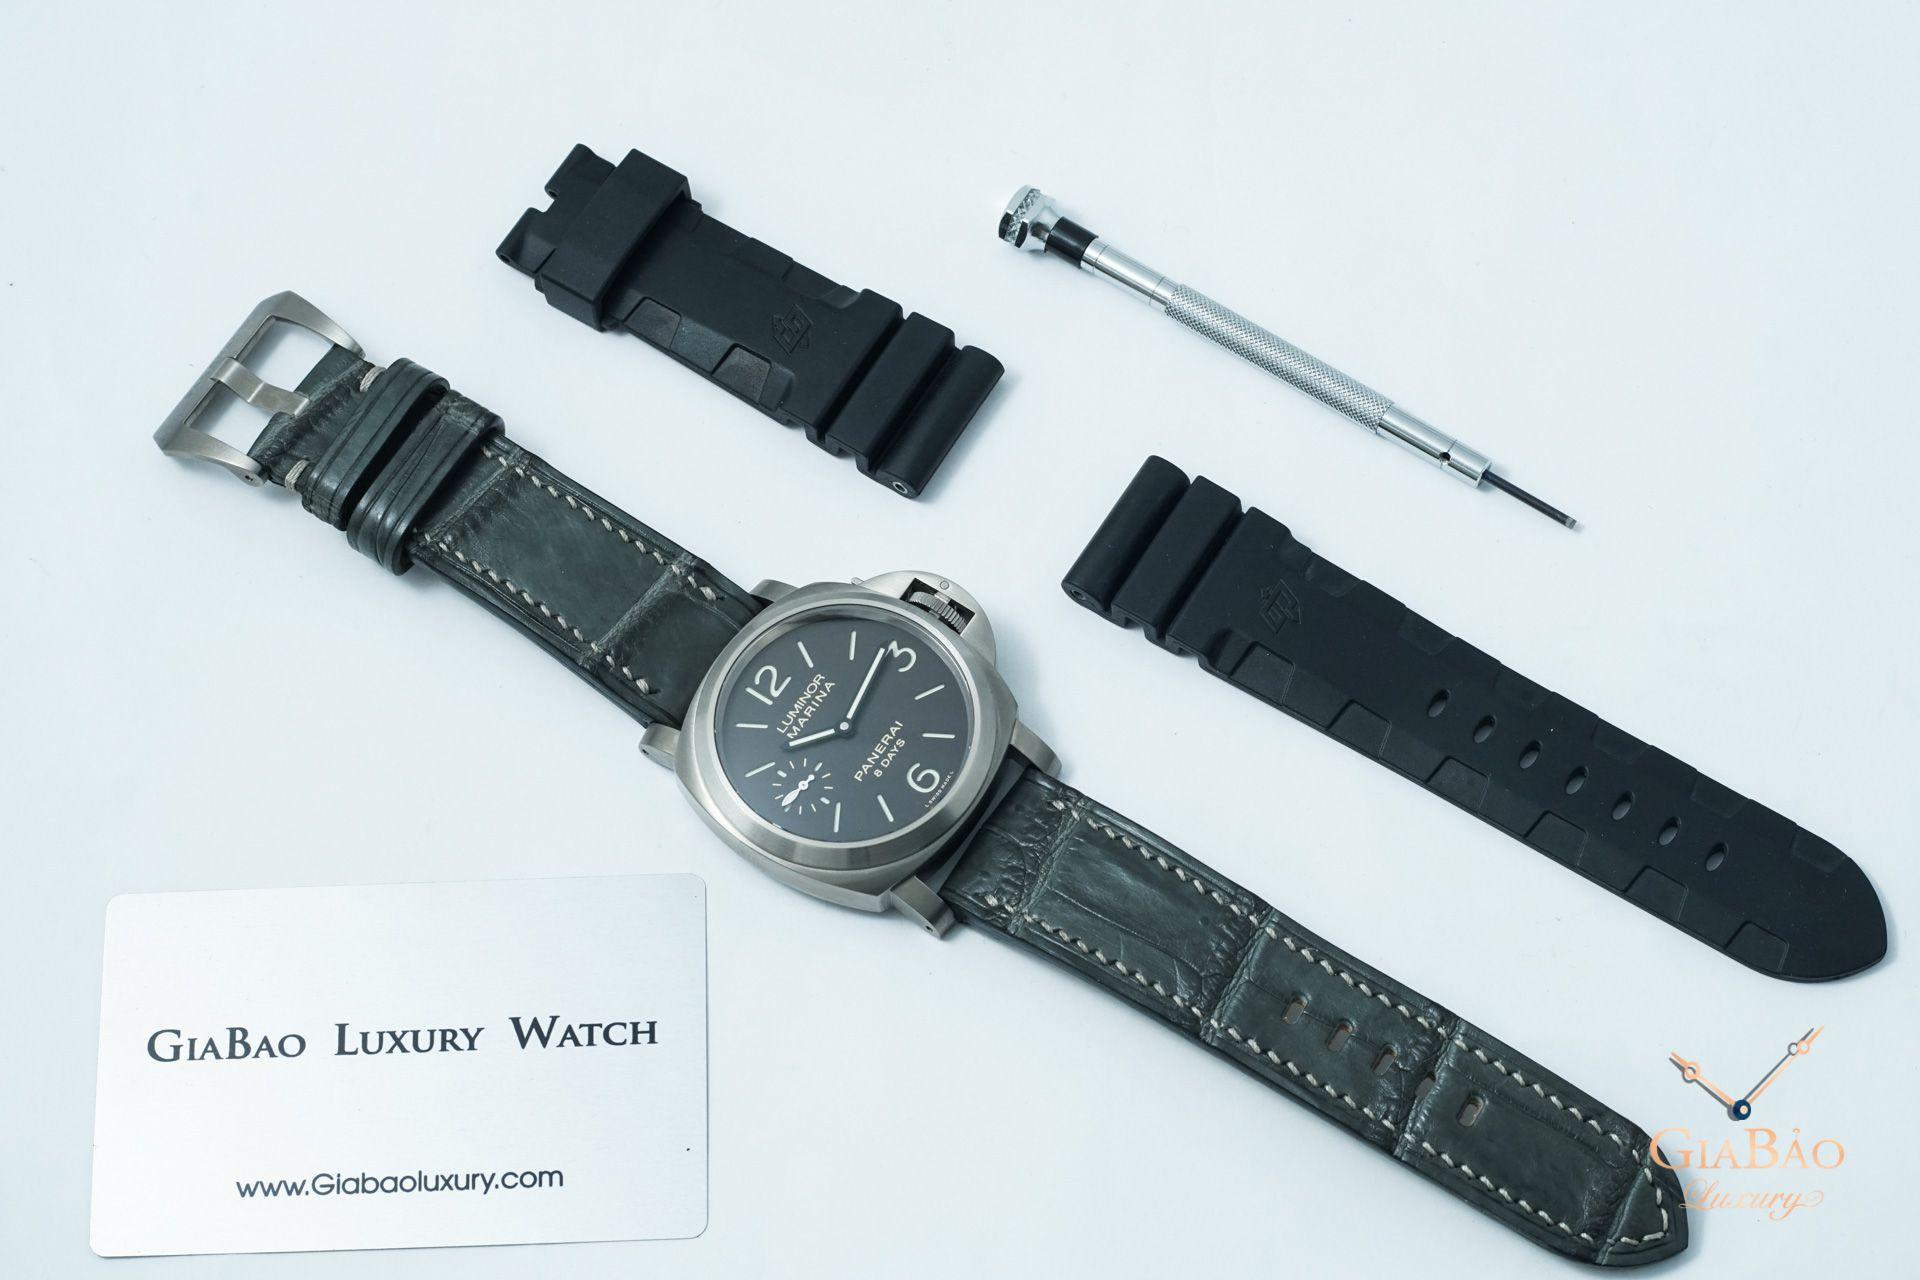 Lựa chọn địa chỉ thu mua đồng hồ chính hãng có kinh nghiệm lâu năm là một trong những ưu thế cho người bán đồng hồ